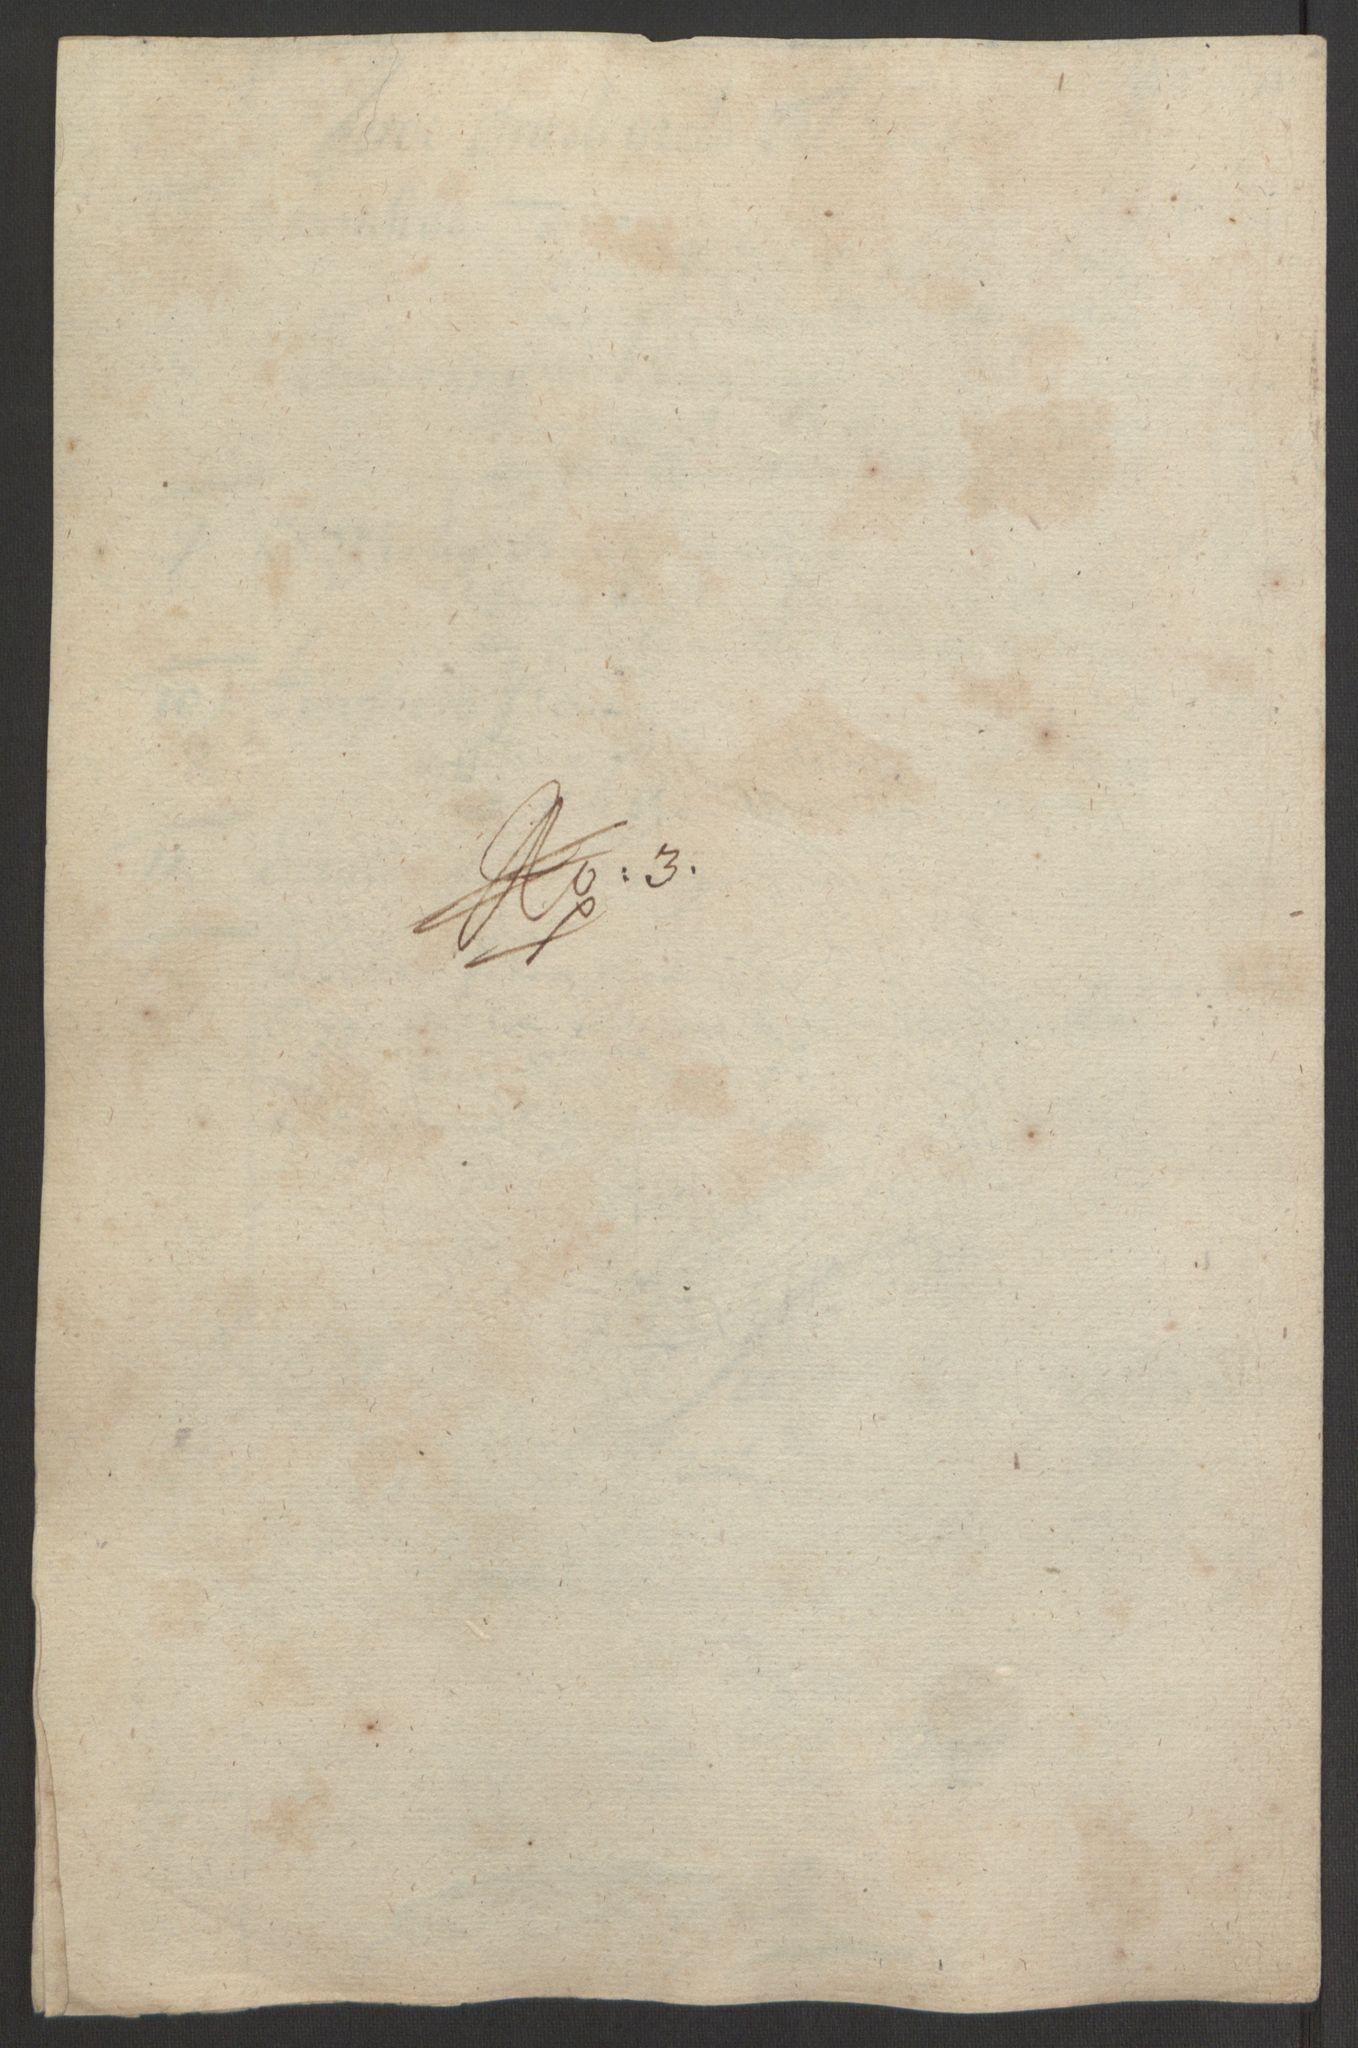 RA, Rentekammeret inntil 1814, Reviderte regnskaper, Fogderegnskap, R64/L4424: Fogderegnskap Namdal, 1692-1695, s. 318